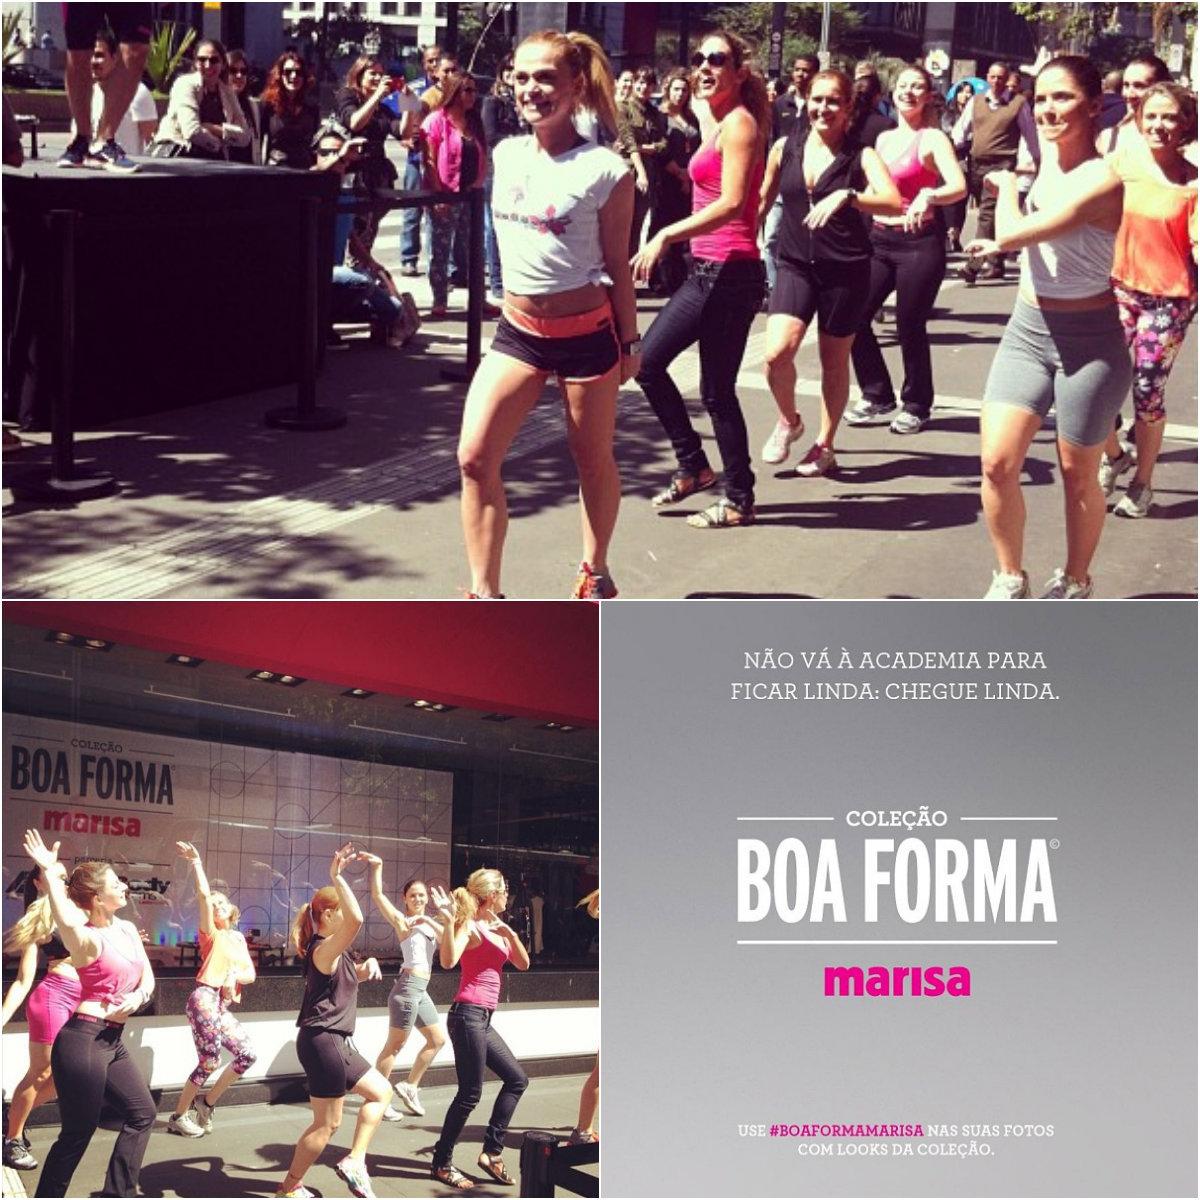 """ec7028230 """"O objetivo deste lançamento é unir as marcas BOA FORMA e Marisa para levar  à cliente preocupada com a saúde e o corpo roupas de qualidade"""